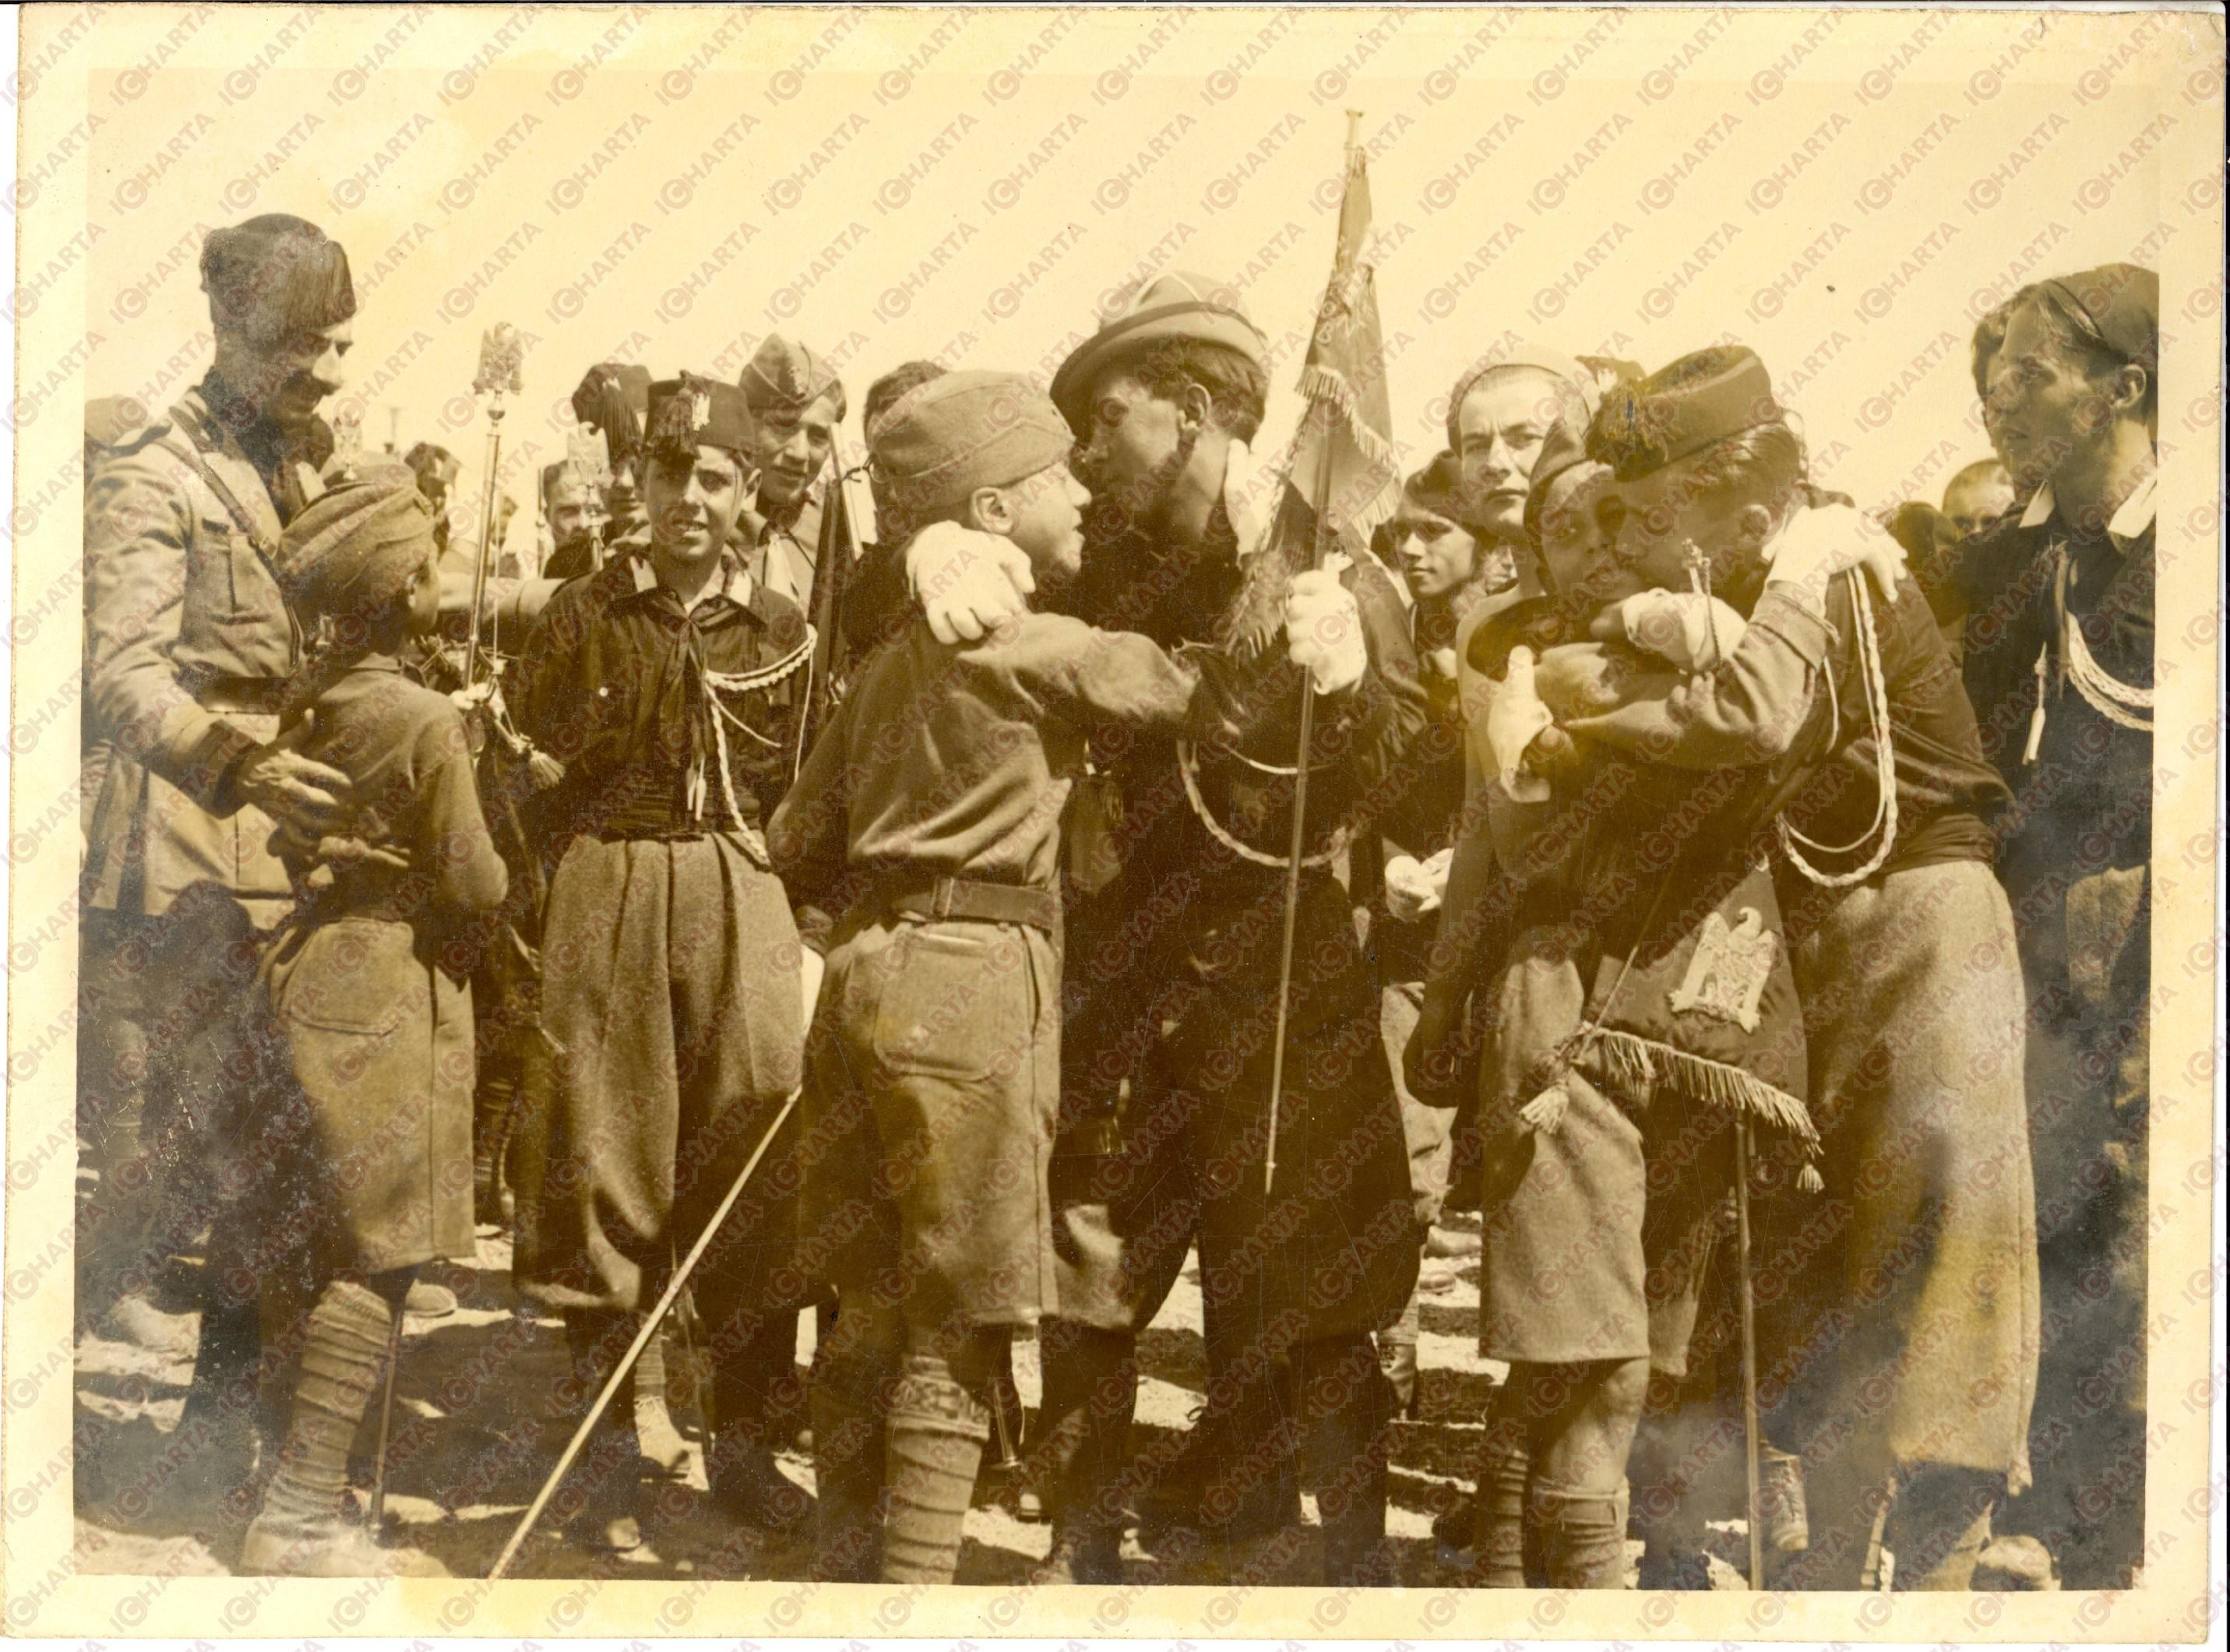 1936. «Αδελφικό αγκάλιασμα μεταξύ μελών Φασιστικής Νεολαίας του στρατοπέδου «DUX» και μελών Φασιστικής Νεολαίας Εξωτερικού του στρατοπέδου «Μουσολίνι», κοντά στη Ρώμη».